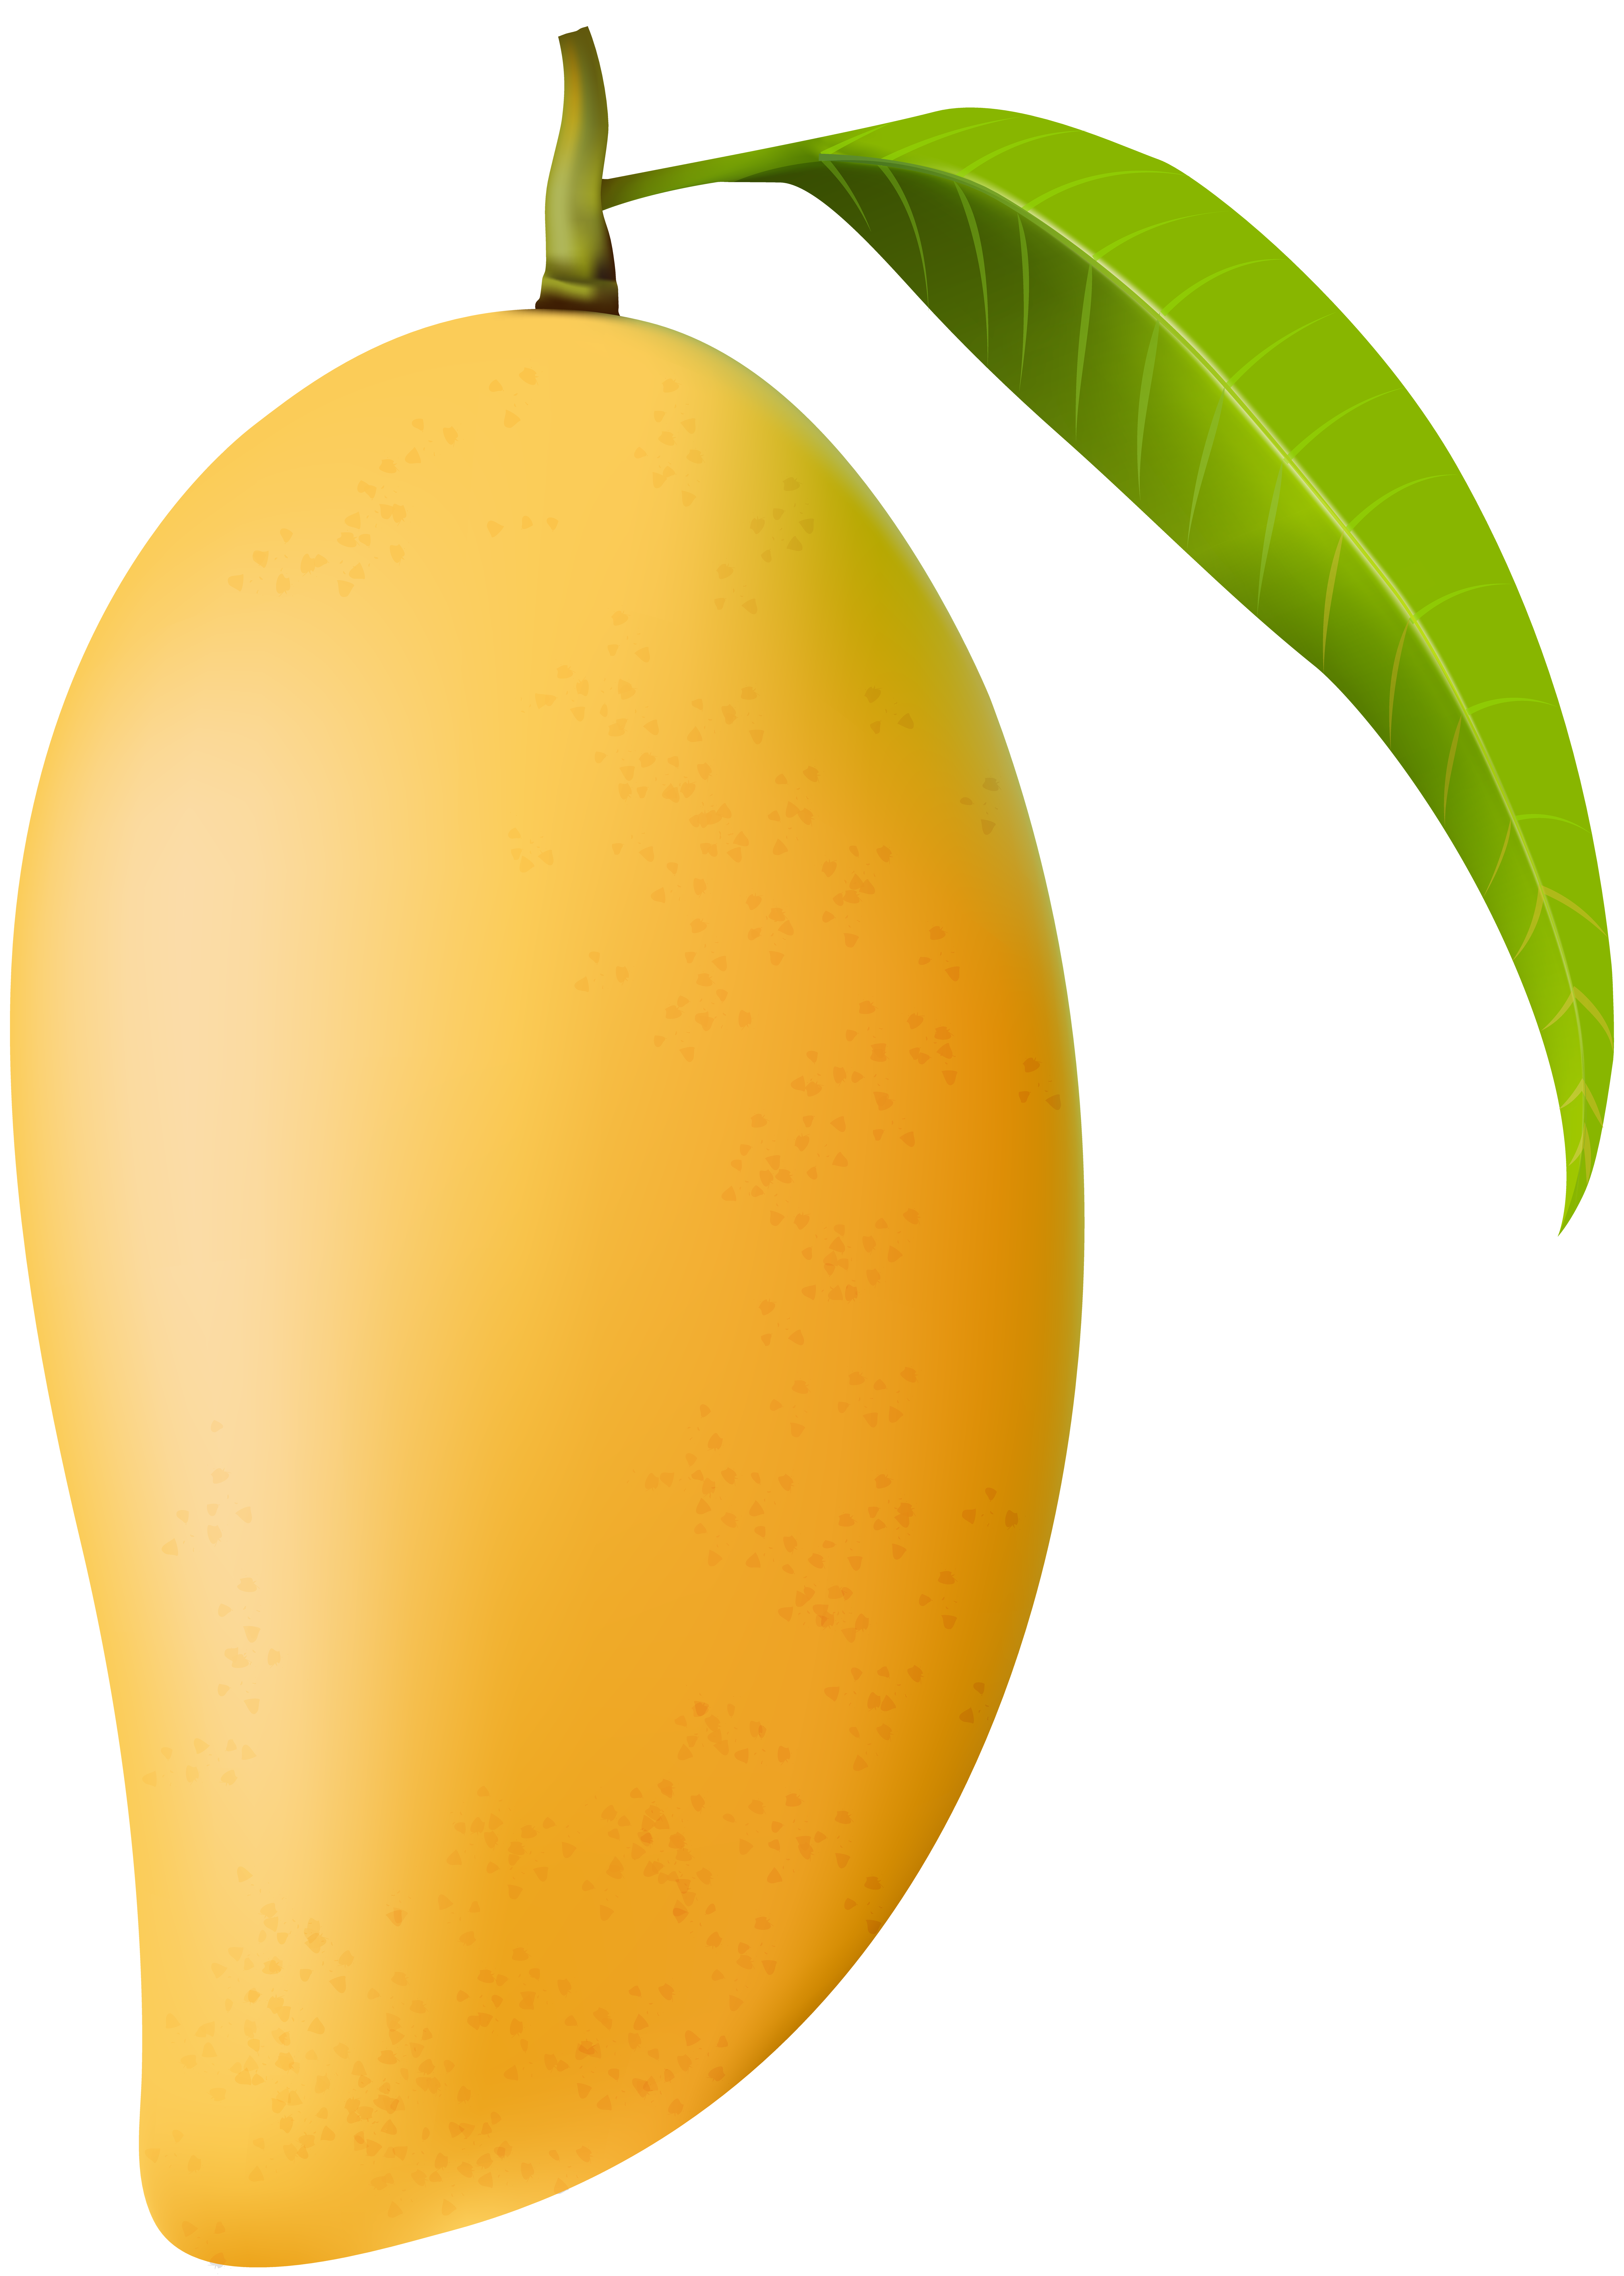 Mango PNG Clip Art Image